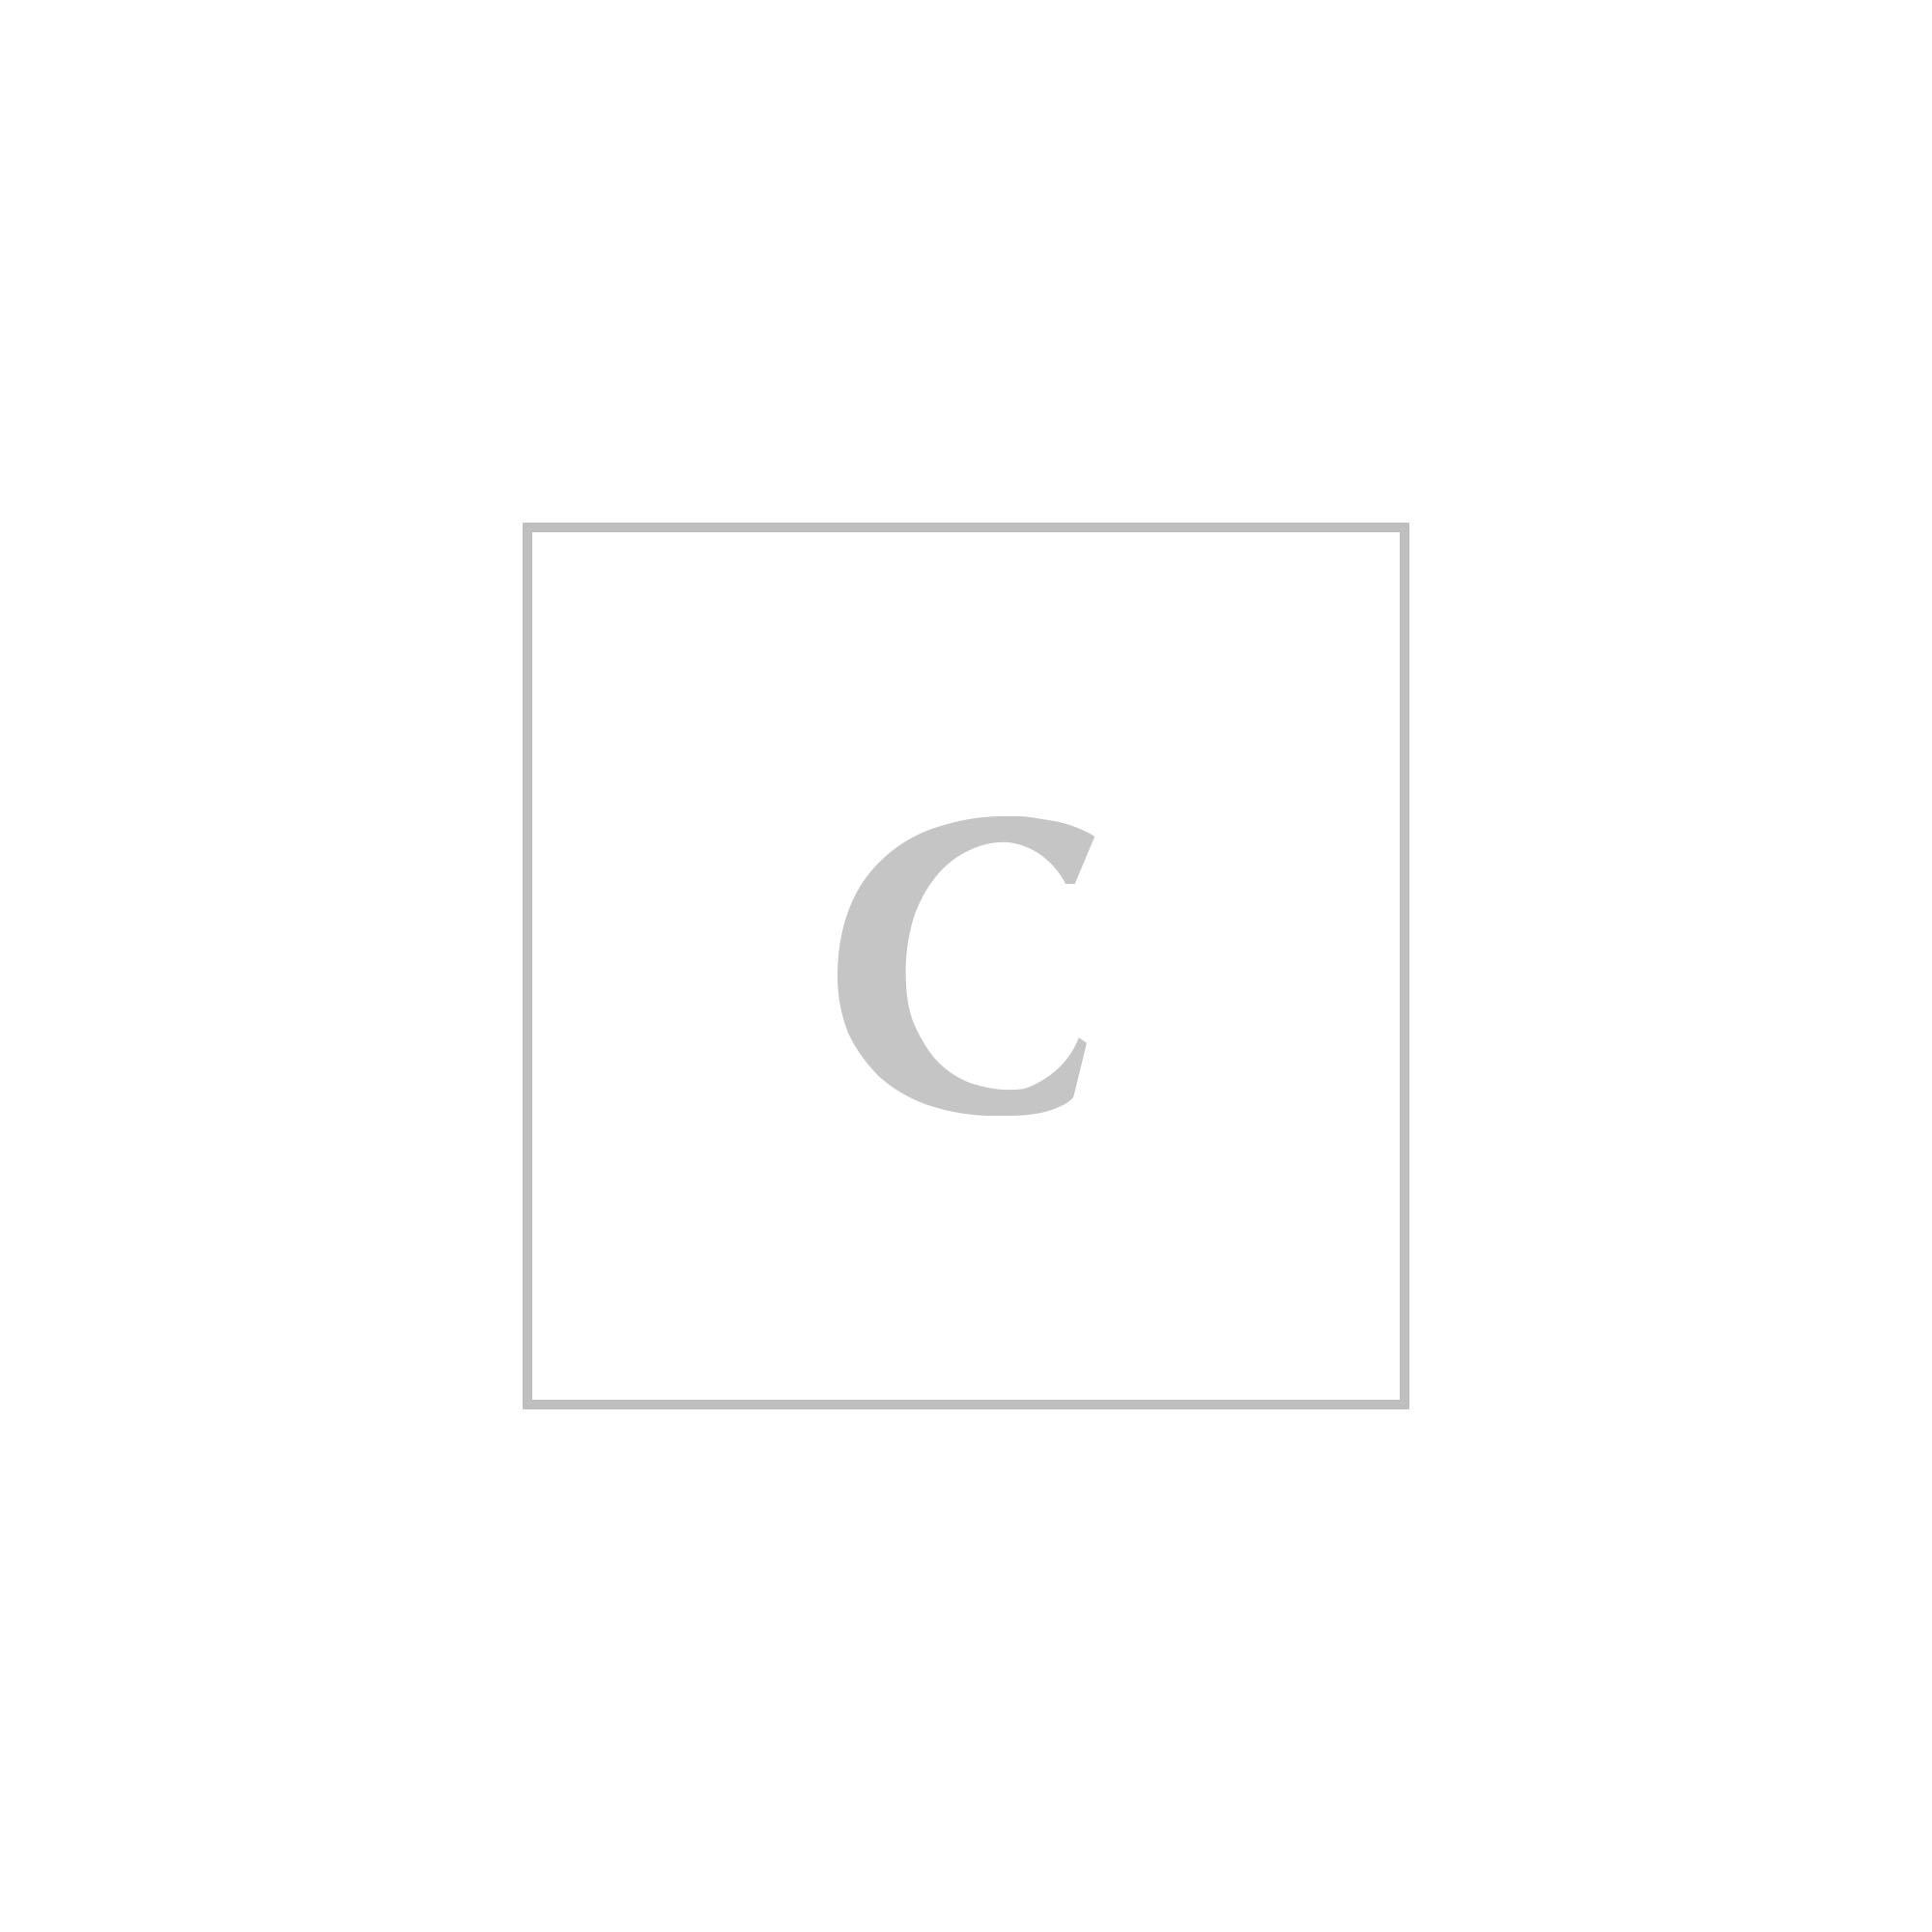 Prada monochrome clutch with chain